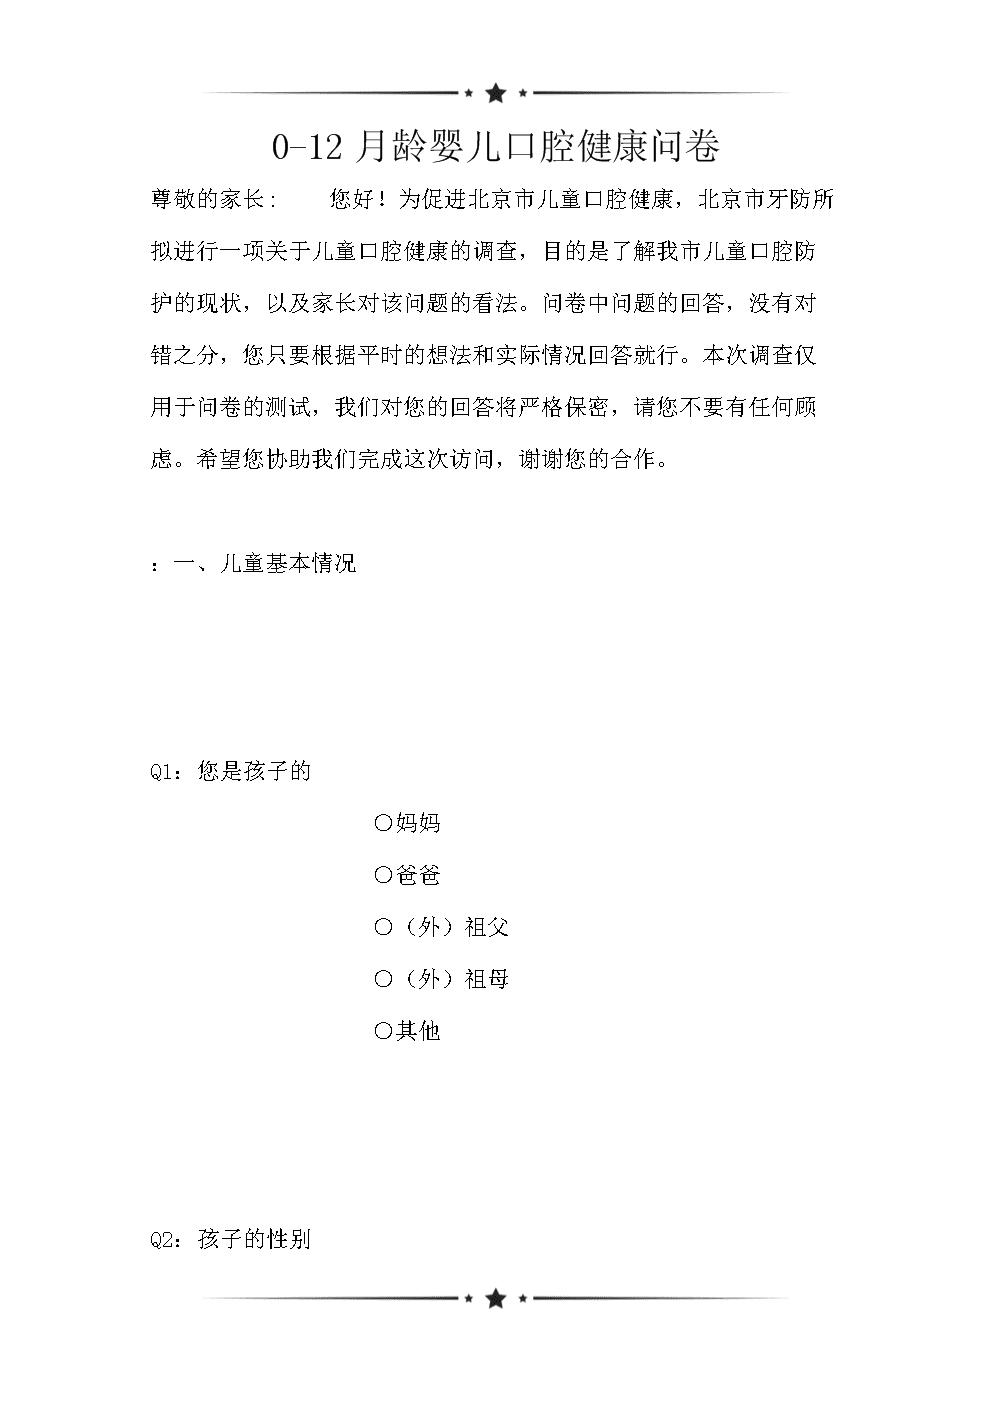 0-12月龄婴儿口腔健康问卷.doc